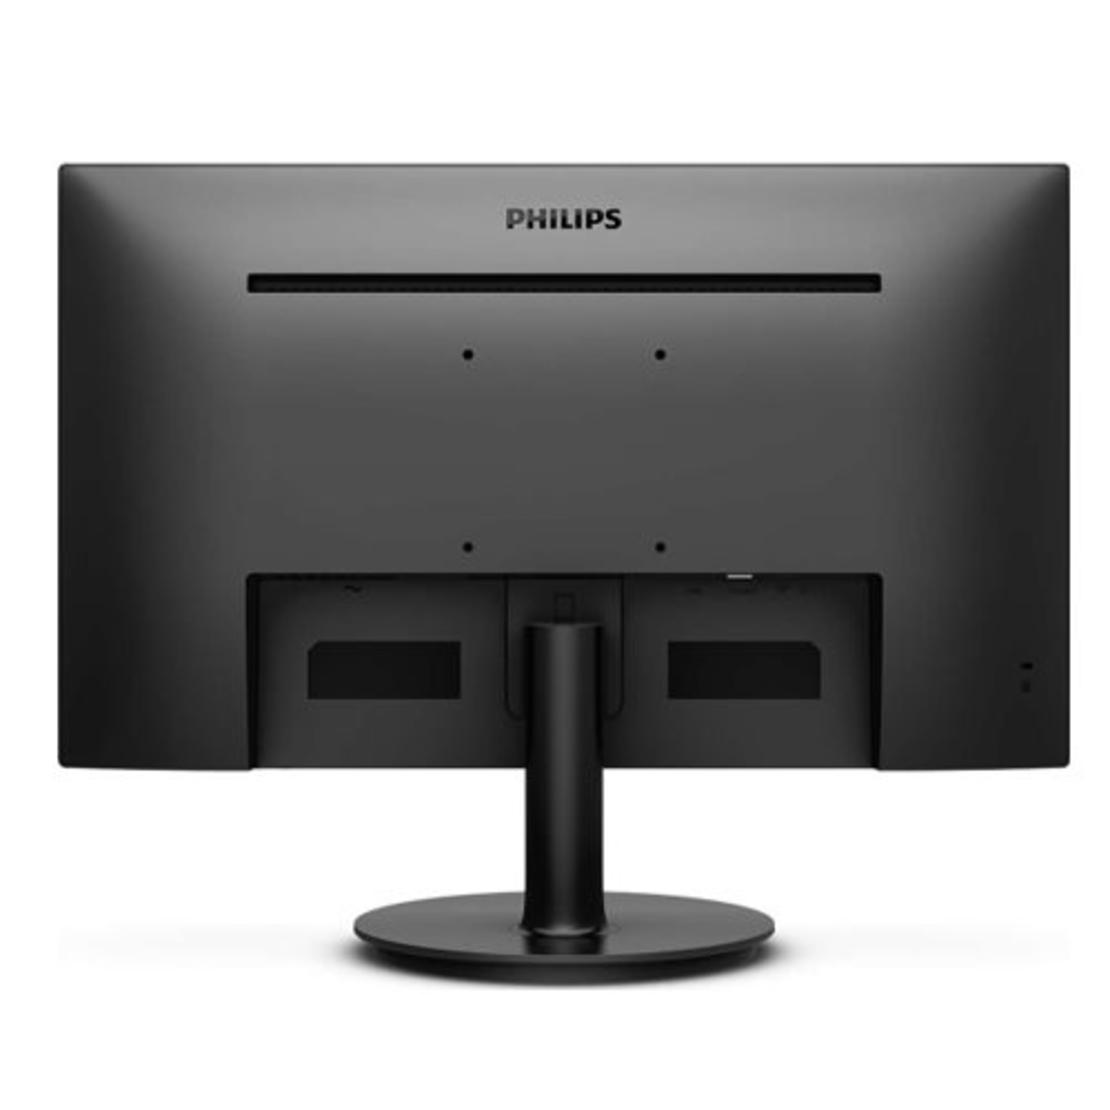 מסך מחשב עם רמקולים מובנים ומסגרת דקה במיוחד PHILIPS 221V8A 22